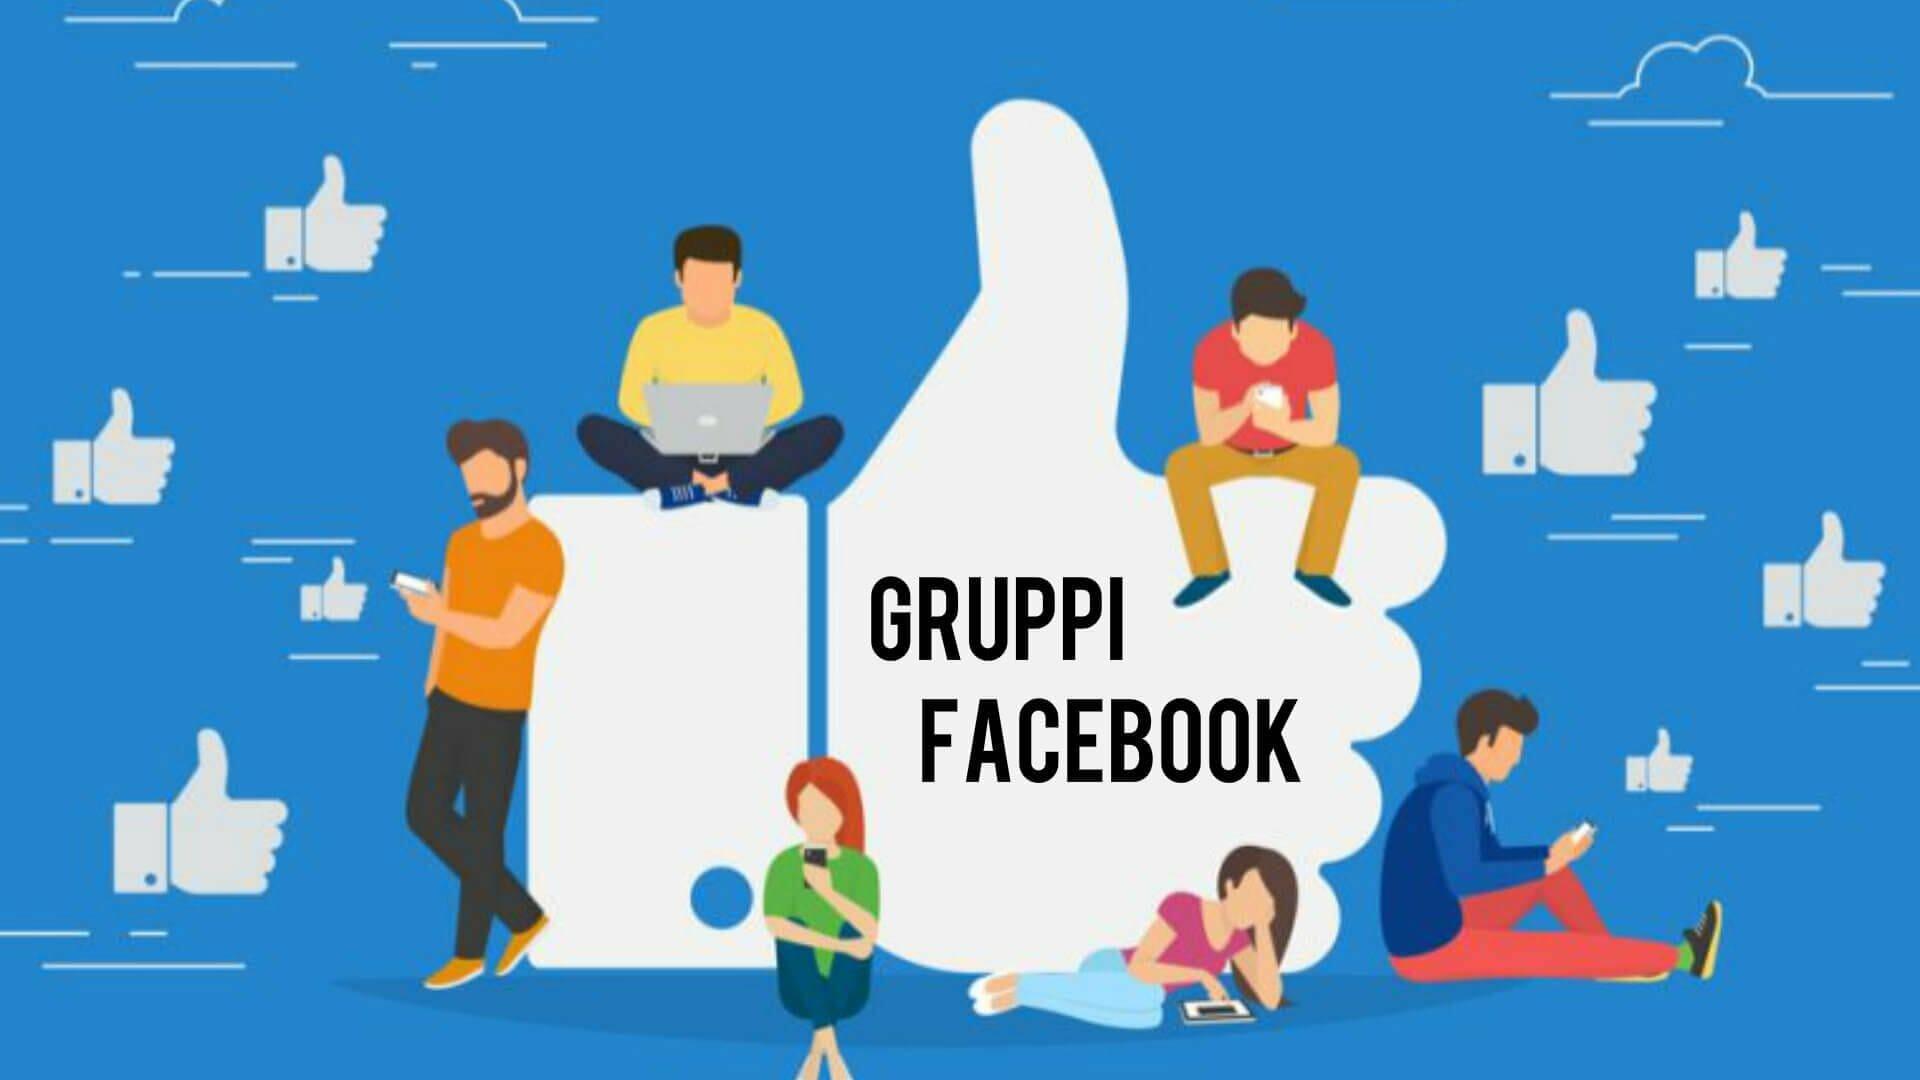 Perché con il nuovo algoritmo i gruppi Facebook sono utili per i brand?